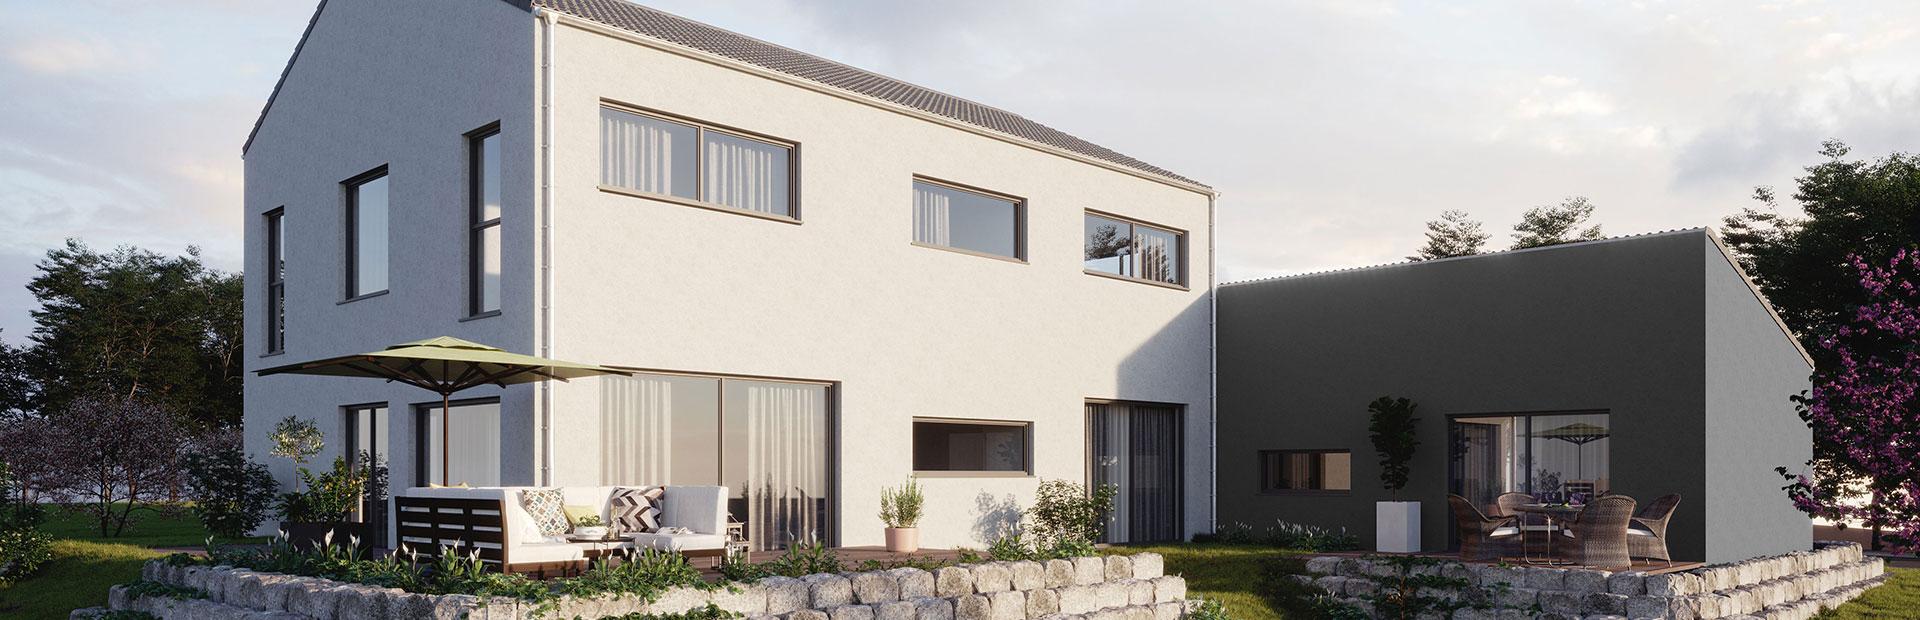 Beratung und bauen Zweifamilienhaus